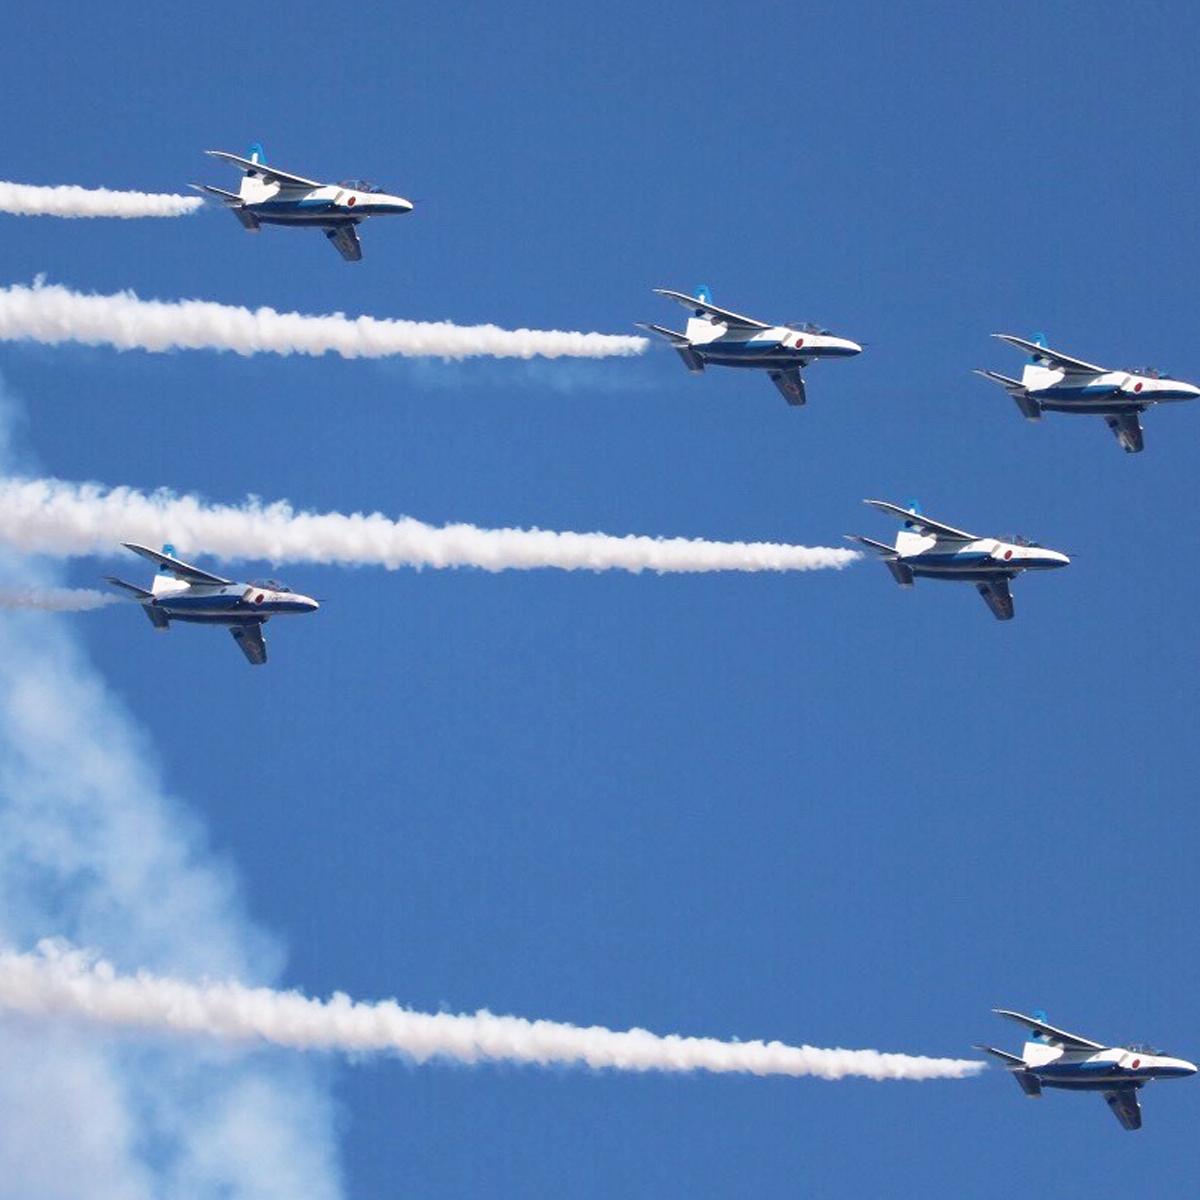 <妄想航空祭2020>ブルーインパルスで注目の航空自衛隊最新装備をプラモ&模型で一挙紹介